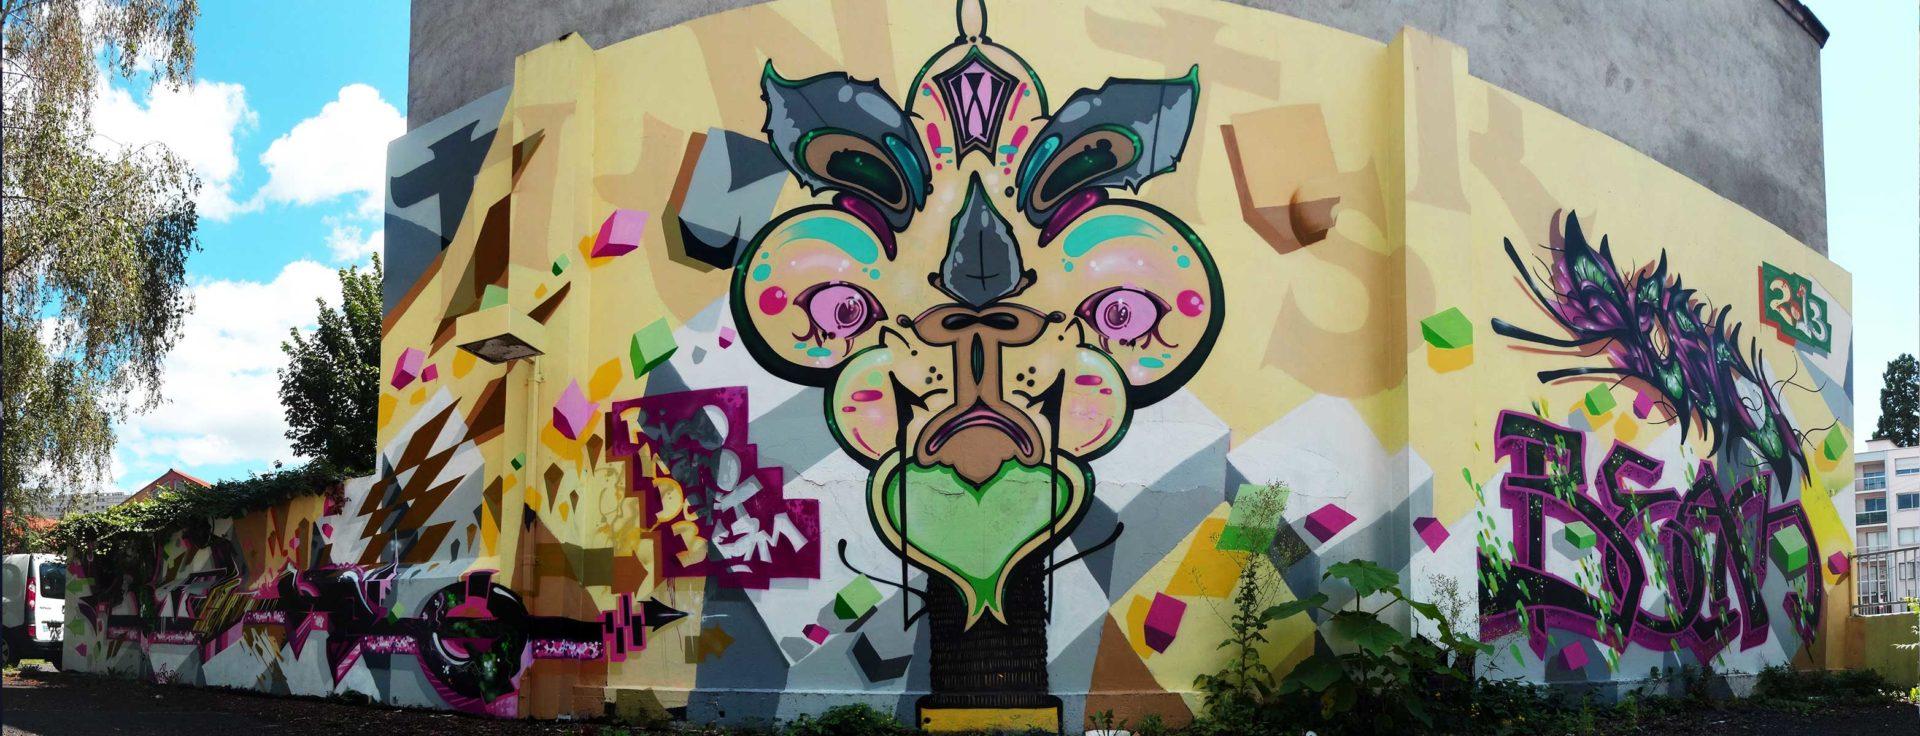 waro_rino_beam_deft_clermont_ferrand_graffiti